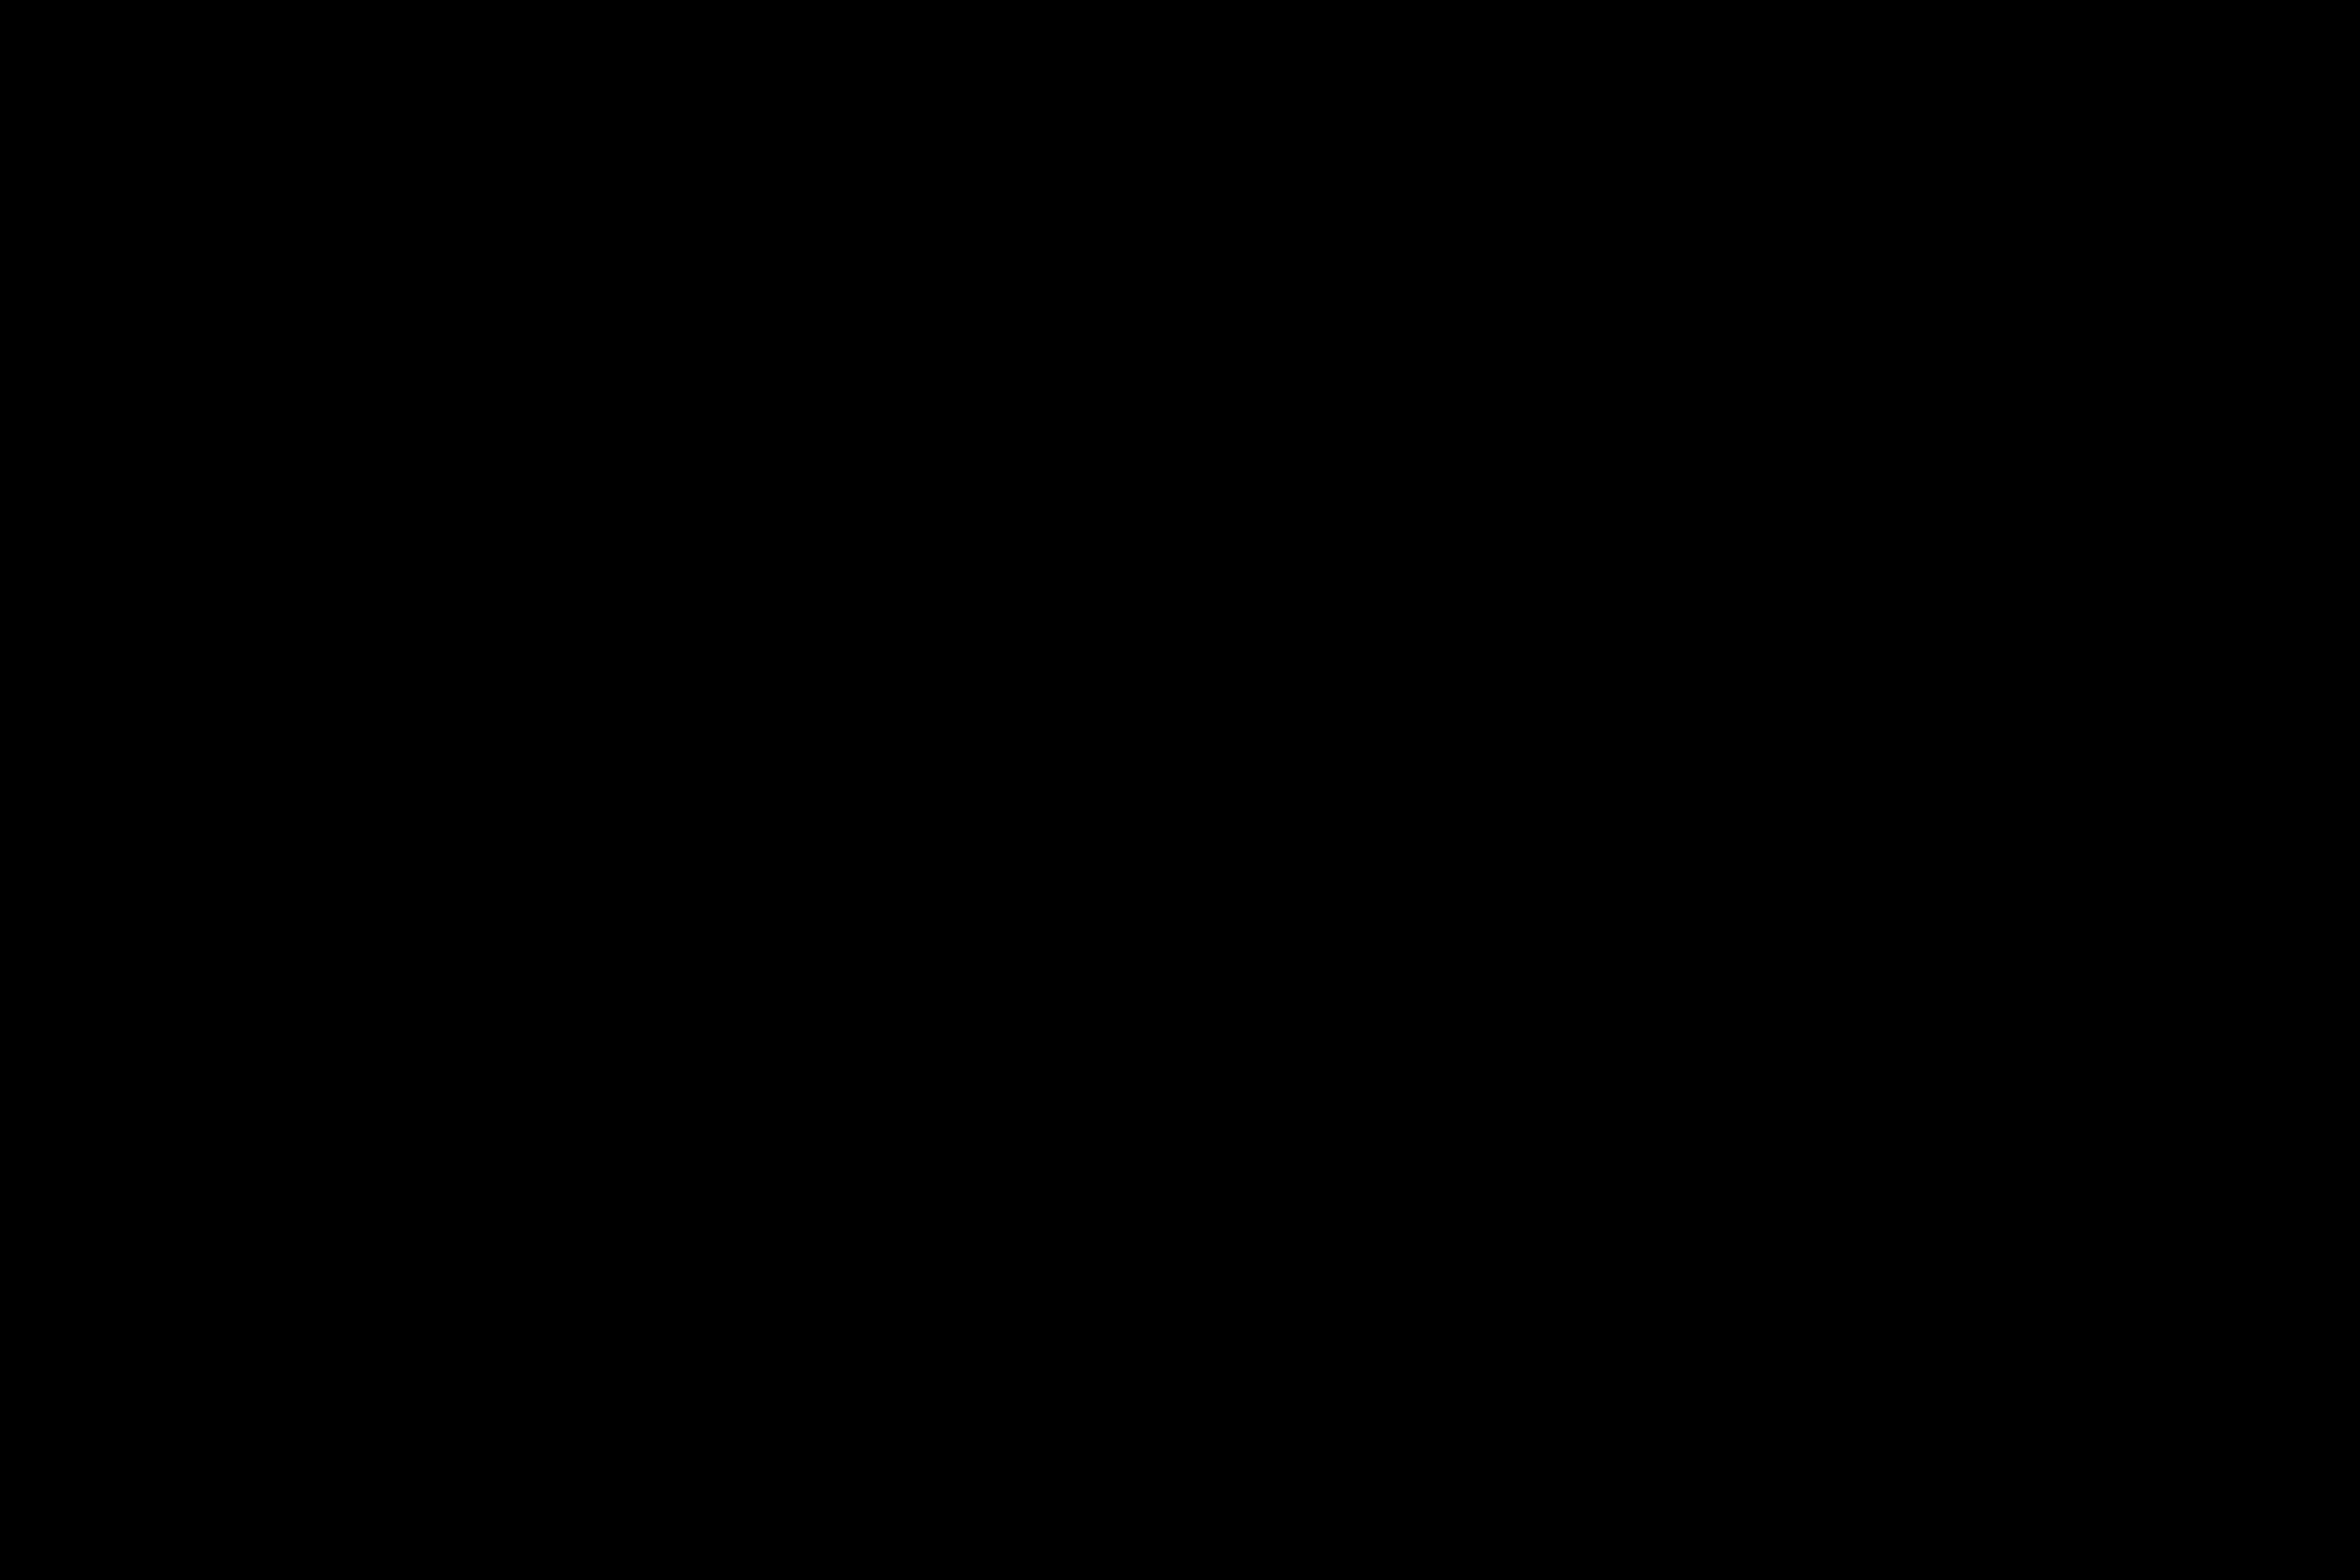 2018-12-06-senac-adelmir-almoco-glenda-67